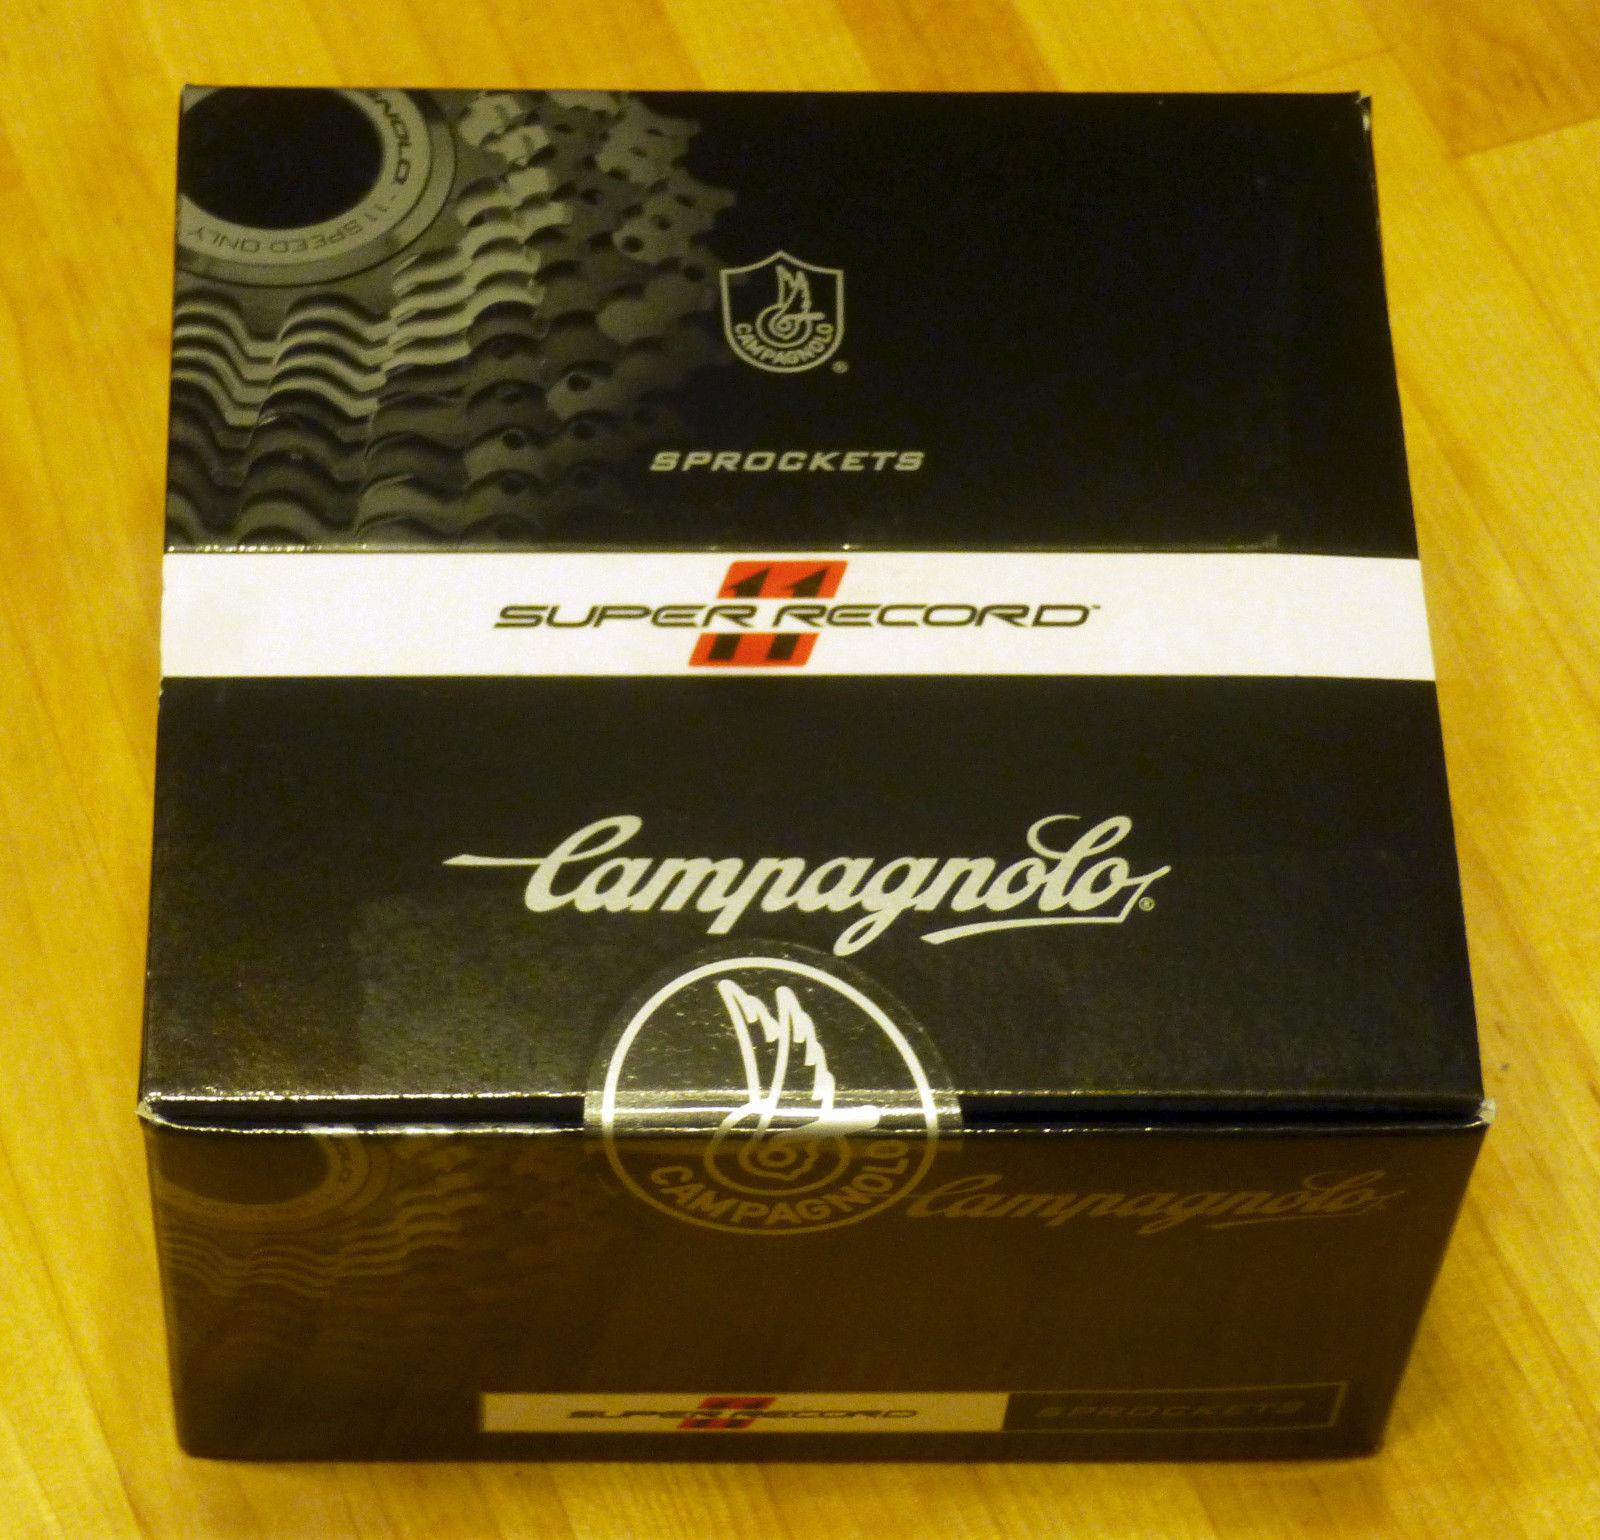 Nuevo súper RECORD DE CAMPAGNOLO Cassette 11 velocidad Ti Titanio 11-27 Con Lockring